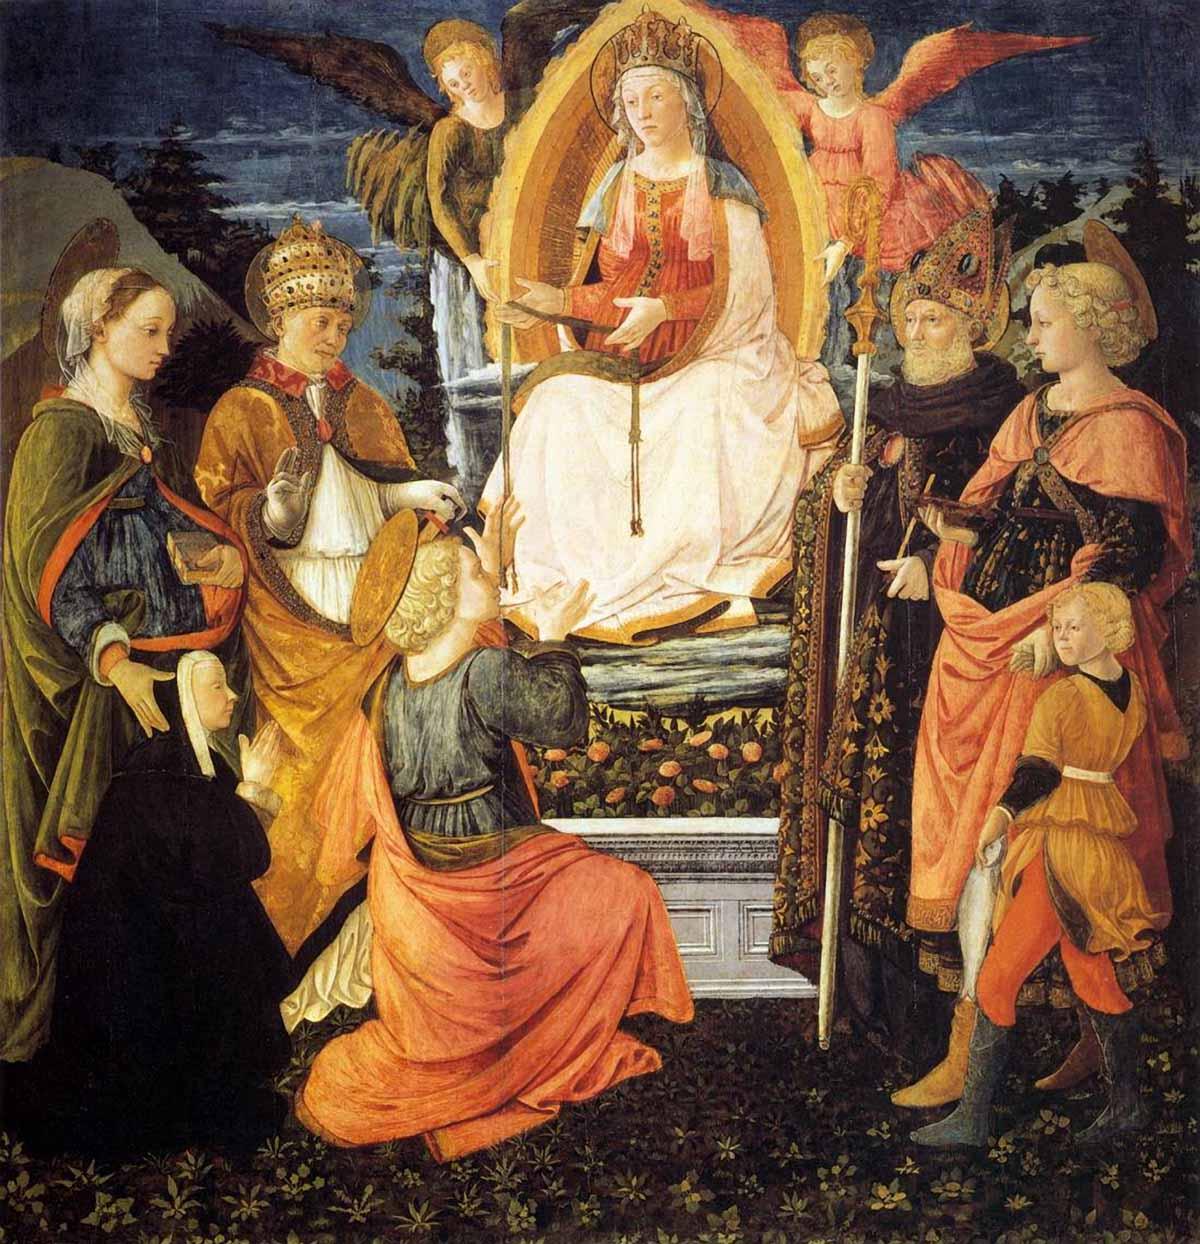 Fra Filippo Lippi, Madonna daje cudowny pasek świętemu Tomaszowi